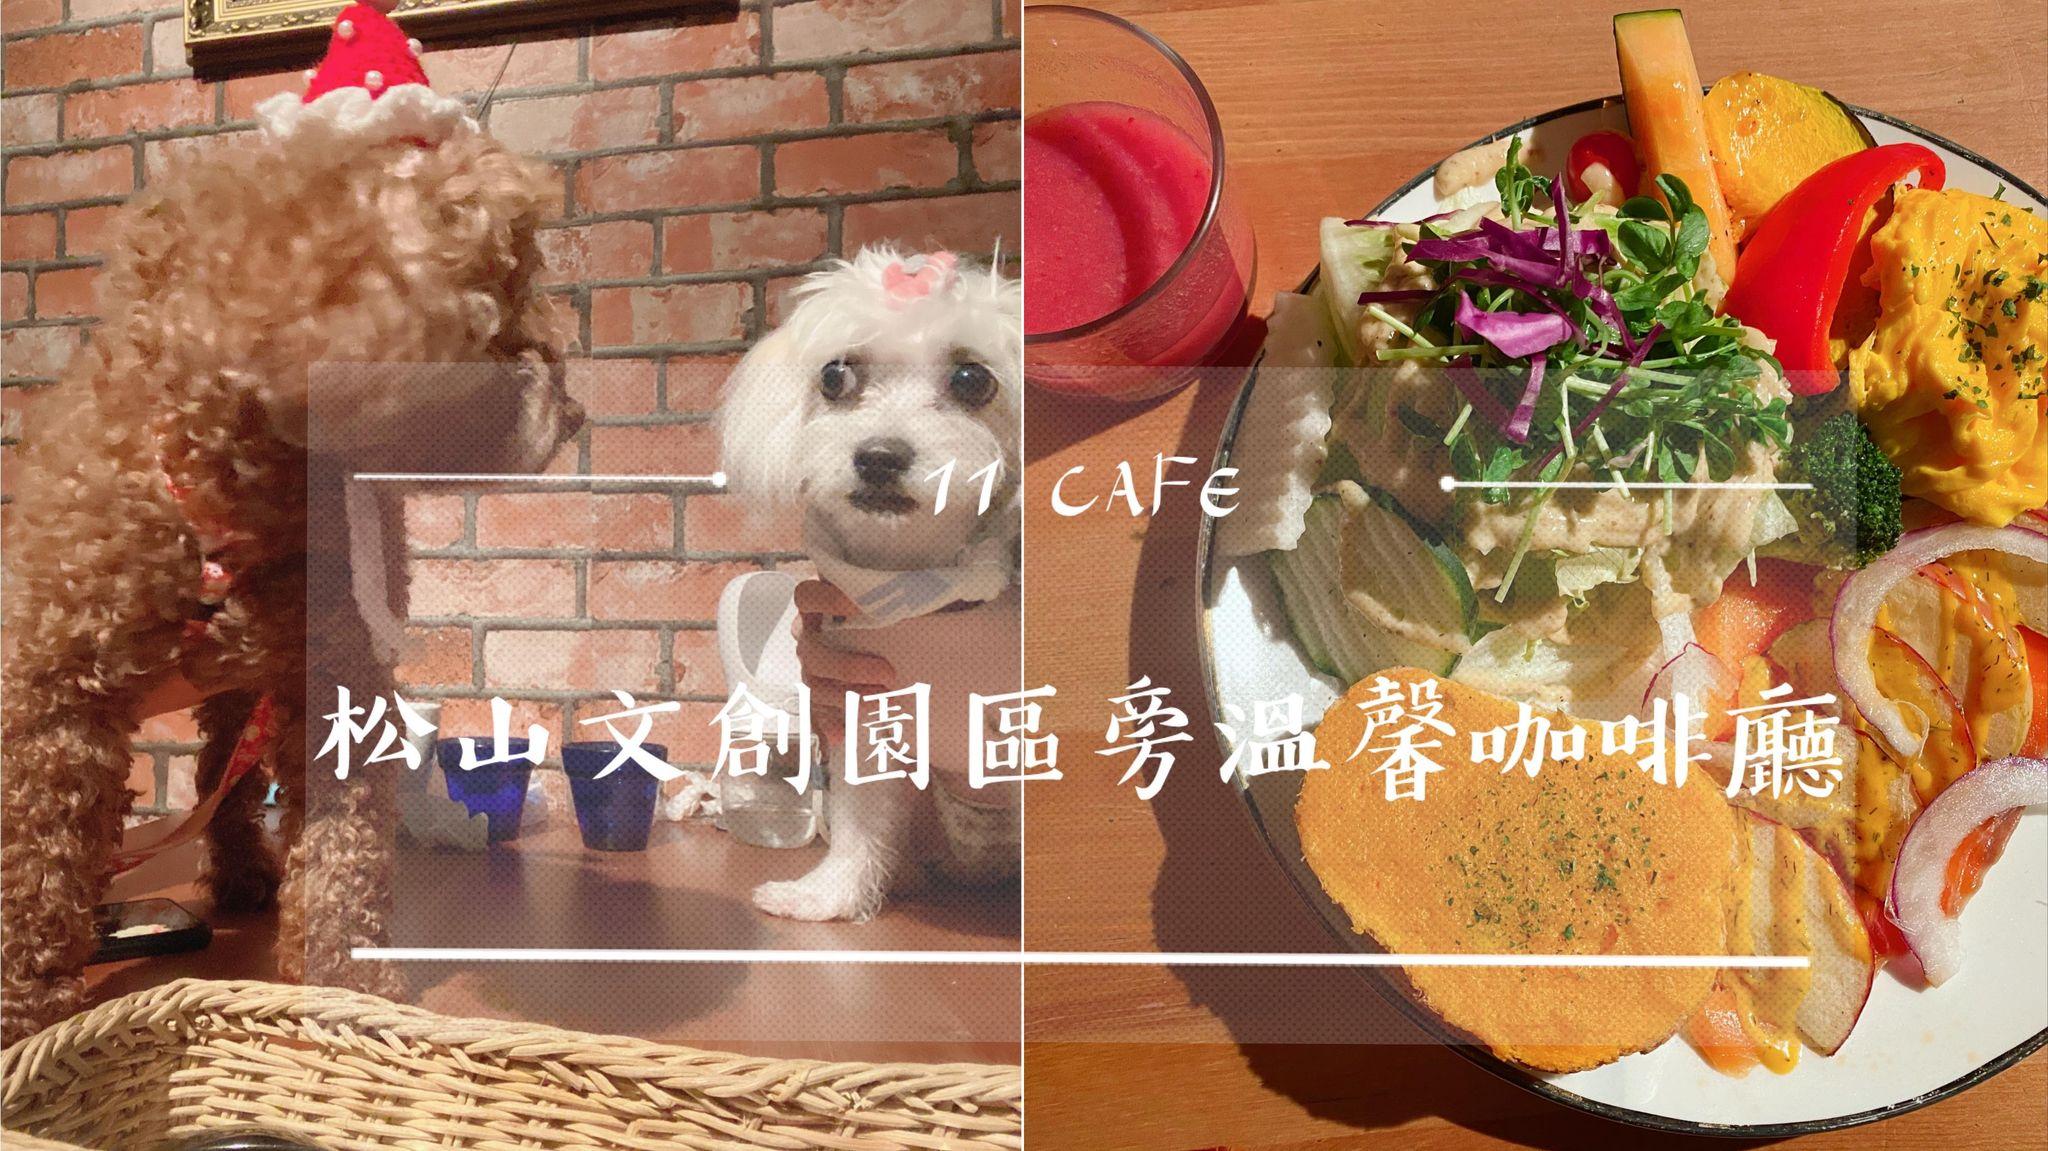 【食】台北┃松山文創園區旁必吃的早午餐┃寵物友善餐廳┃11 CAFE